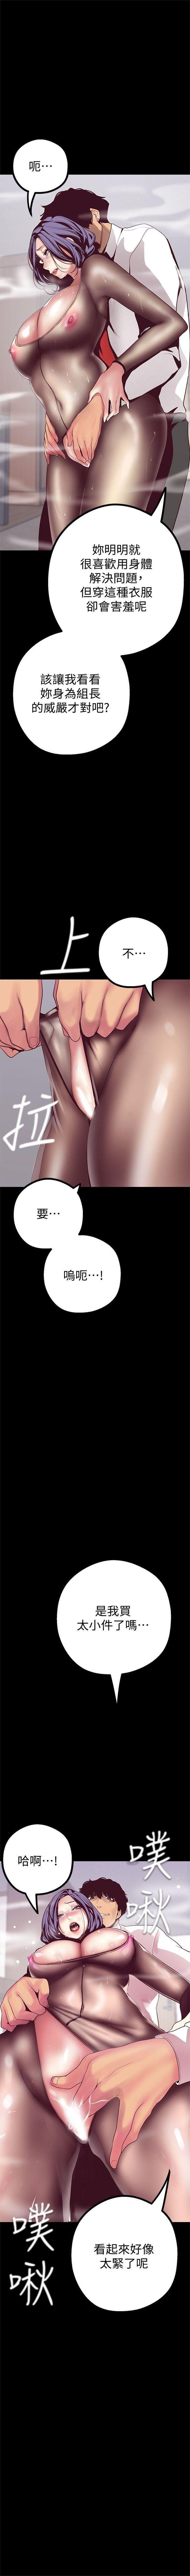 (週1)美麗新世界 1-76 中文翻譯 (更新中) 131